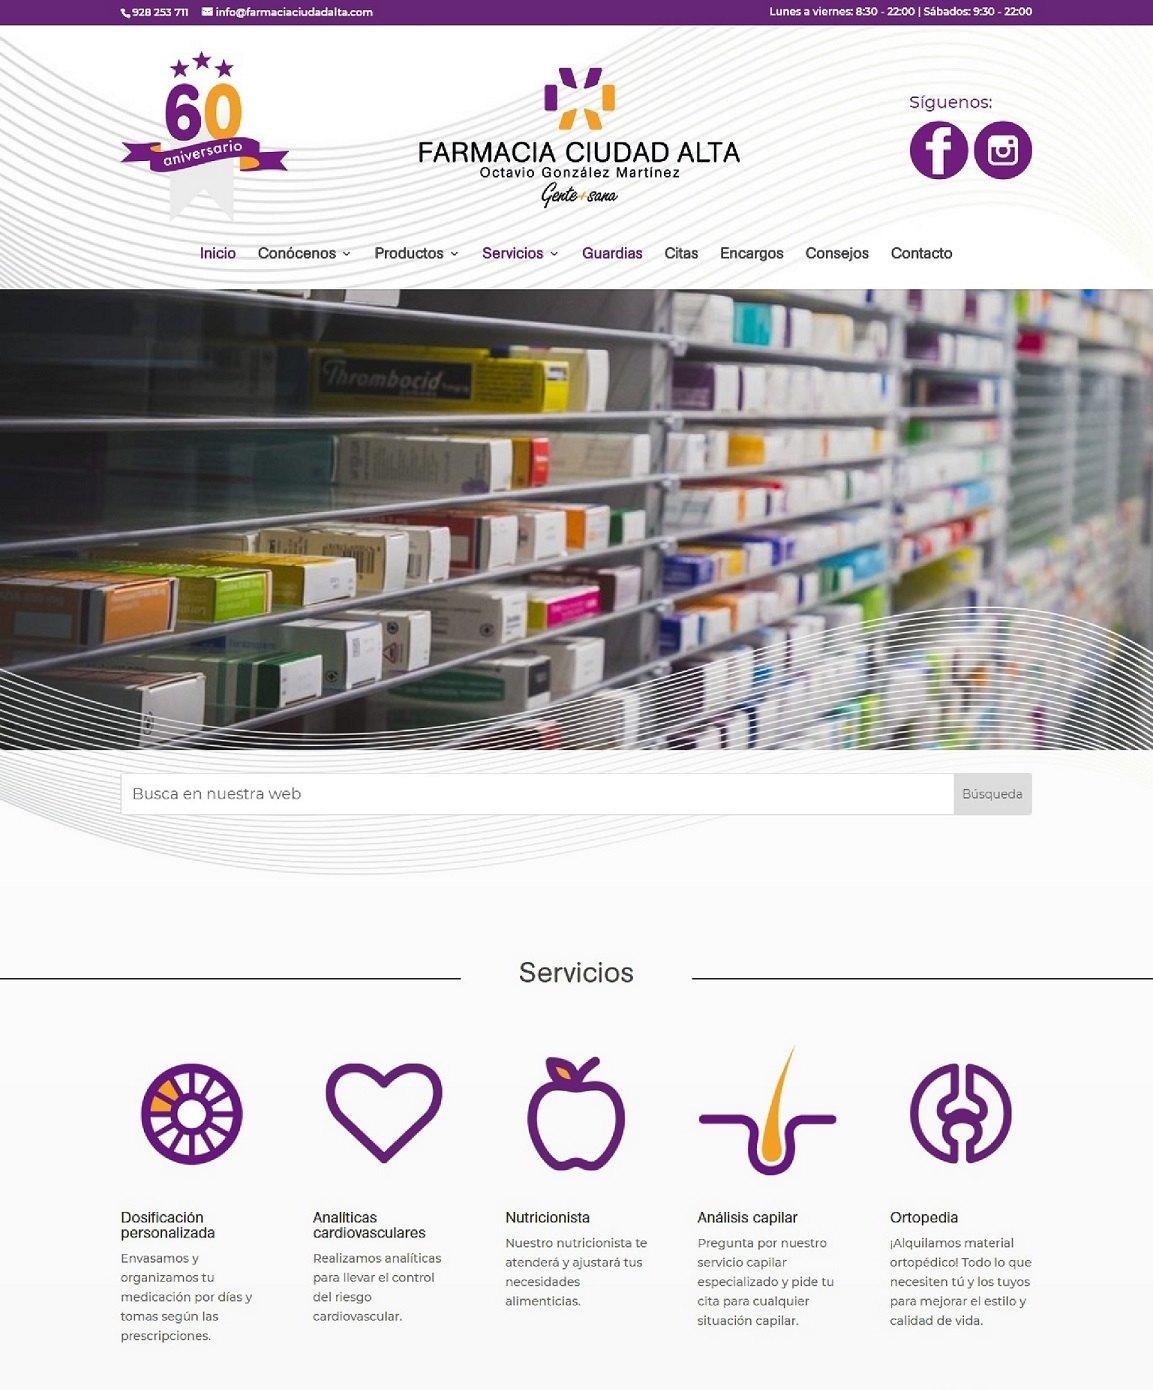 Inicio Farmacia Ciudad Alta